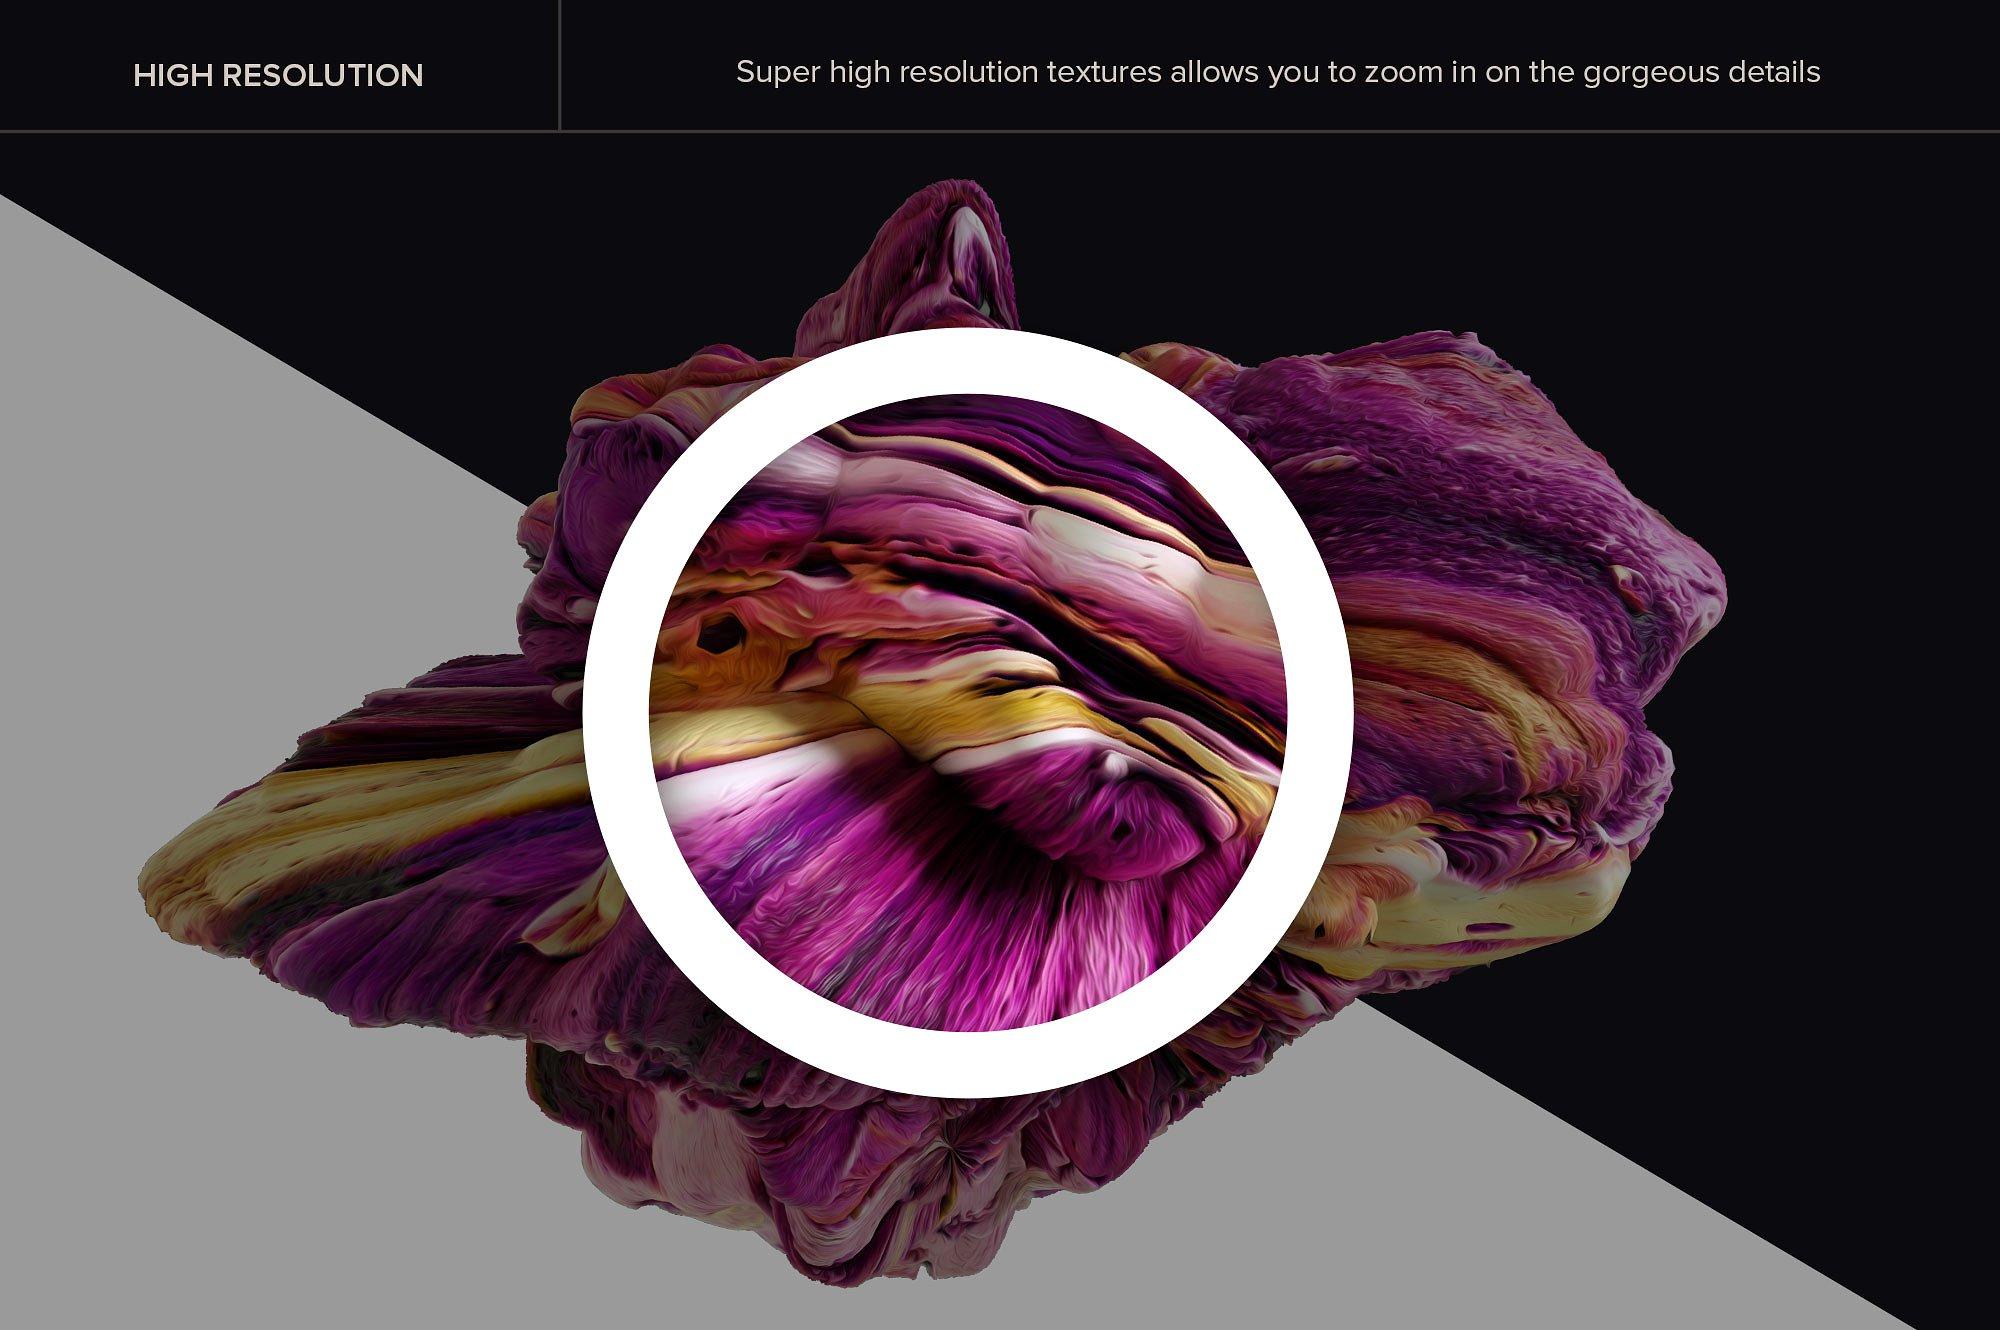 创意抽象纹理系列:15款高清3D抽象纹理&笔刷 3D Mirage, Vol. 1 (Exclusive)插图1